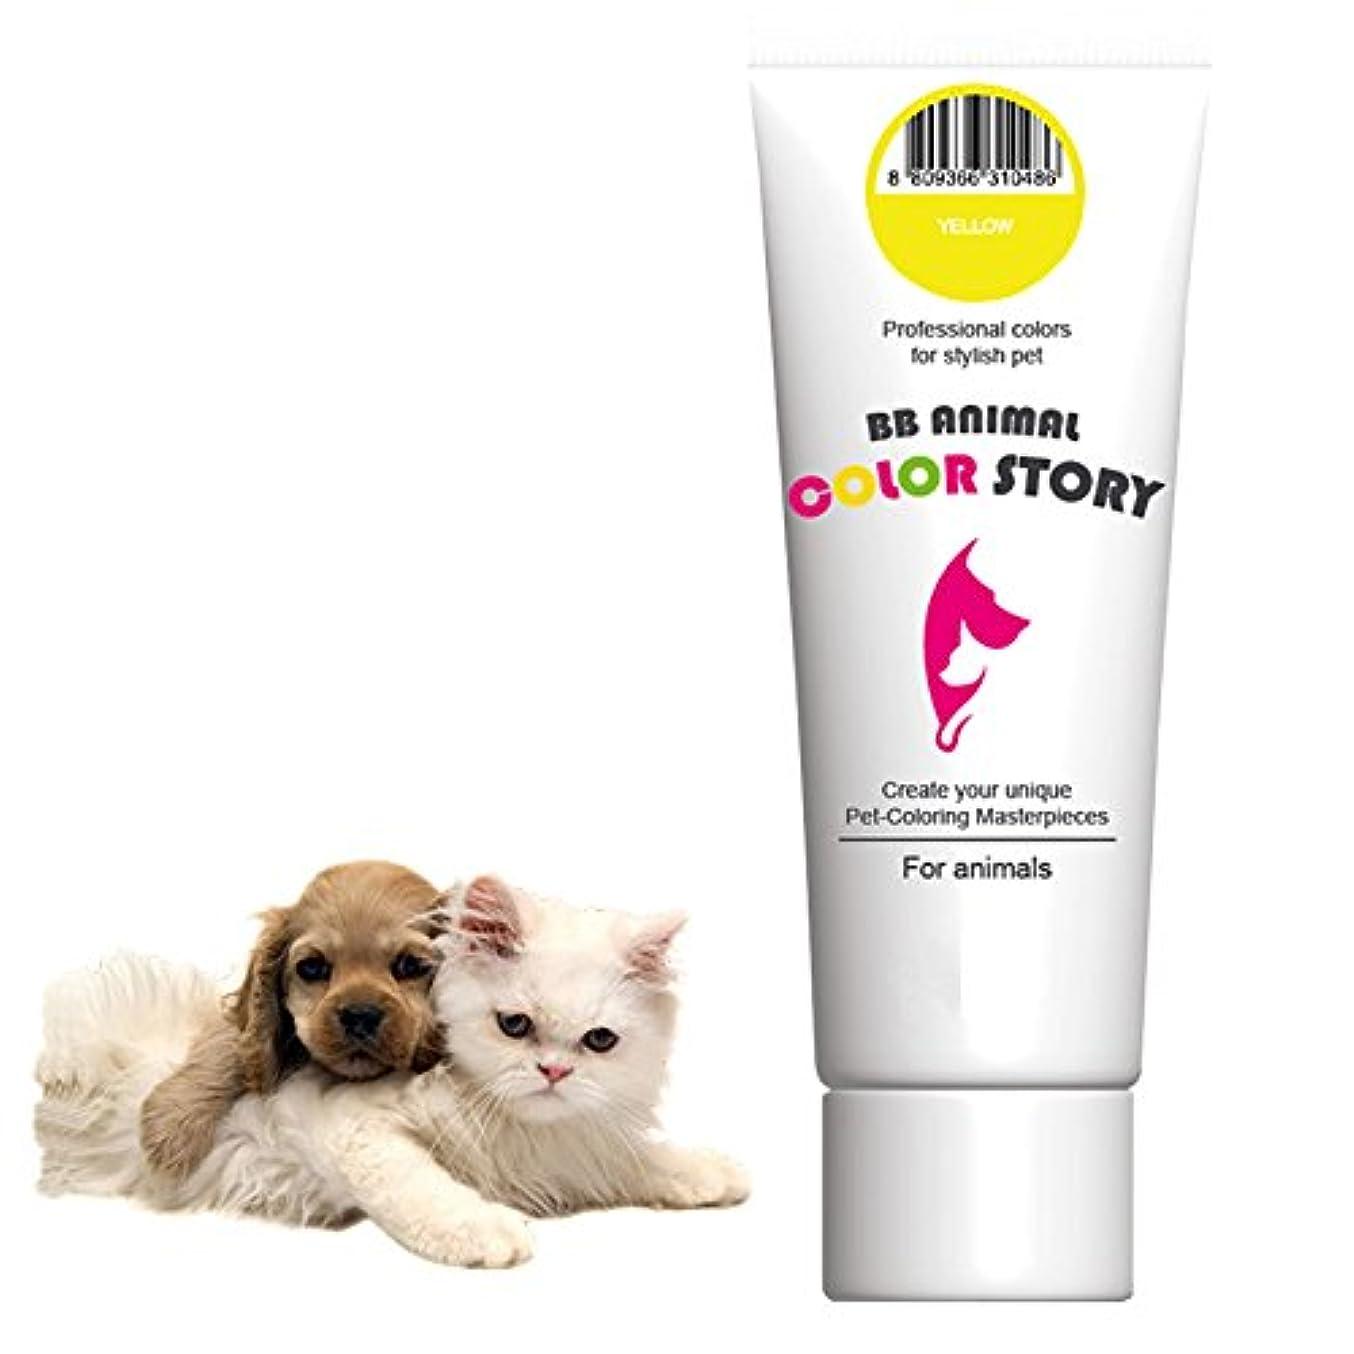 必要条件空気屈辱する毛染め, 犬ヘアダイ Yellow カラーリング Dog Hair Hair Bleach Dye Hair Coloring Professional Colors for Stylish Pet 50ml 並行輸入